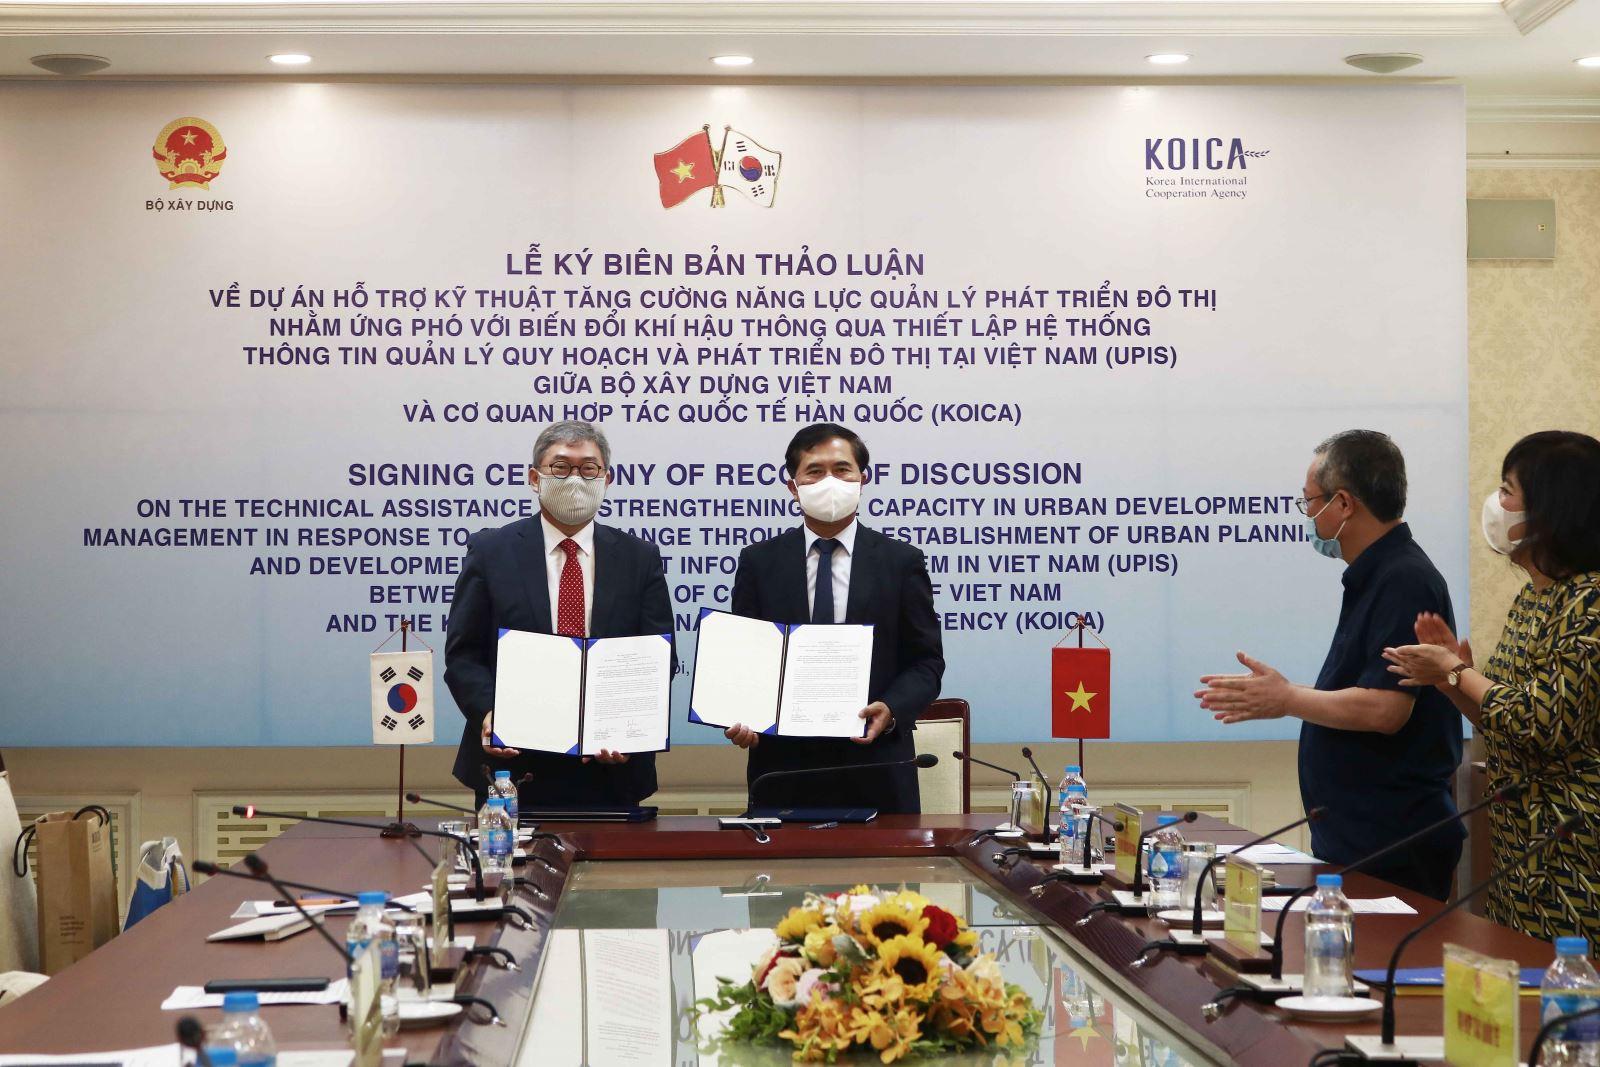 Thứ trưởng Bộ Xây dựng Lê Quang Hùng và Giám đốc quốc gia Văn phòng KOIKA tại Việt Nam Cho Han-Deog cùng ký kết Biên bản thảo luận